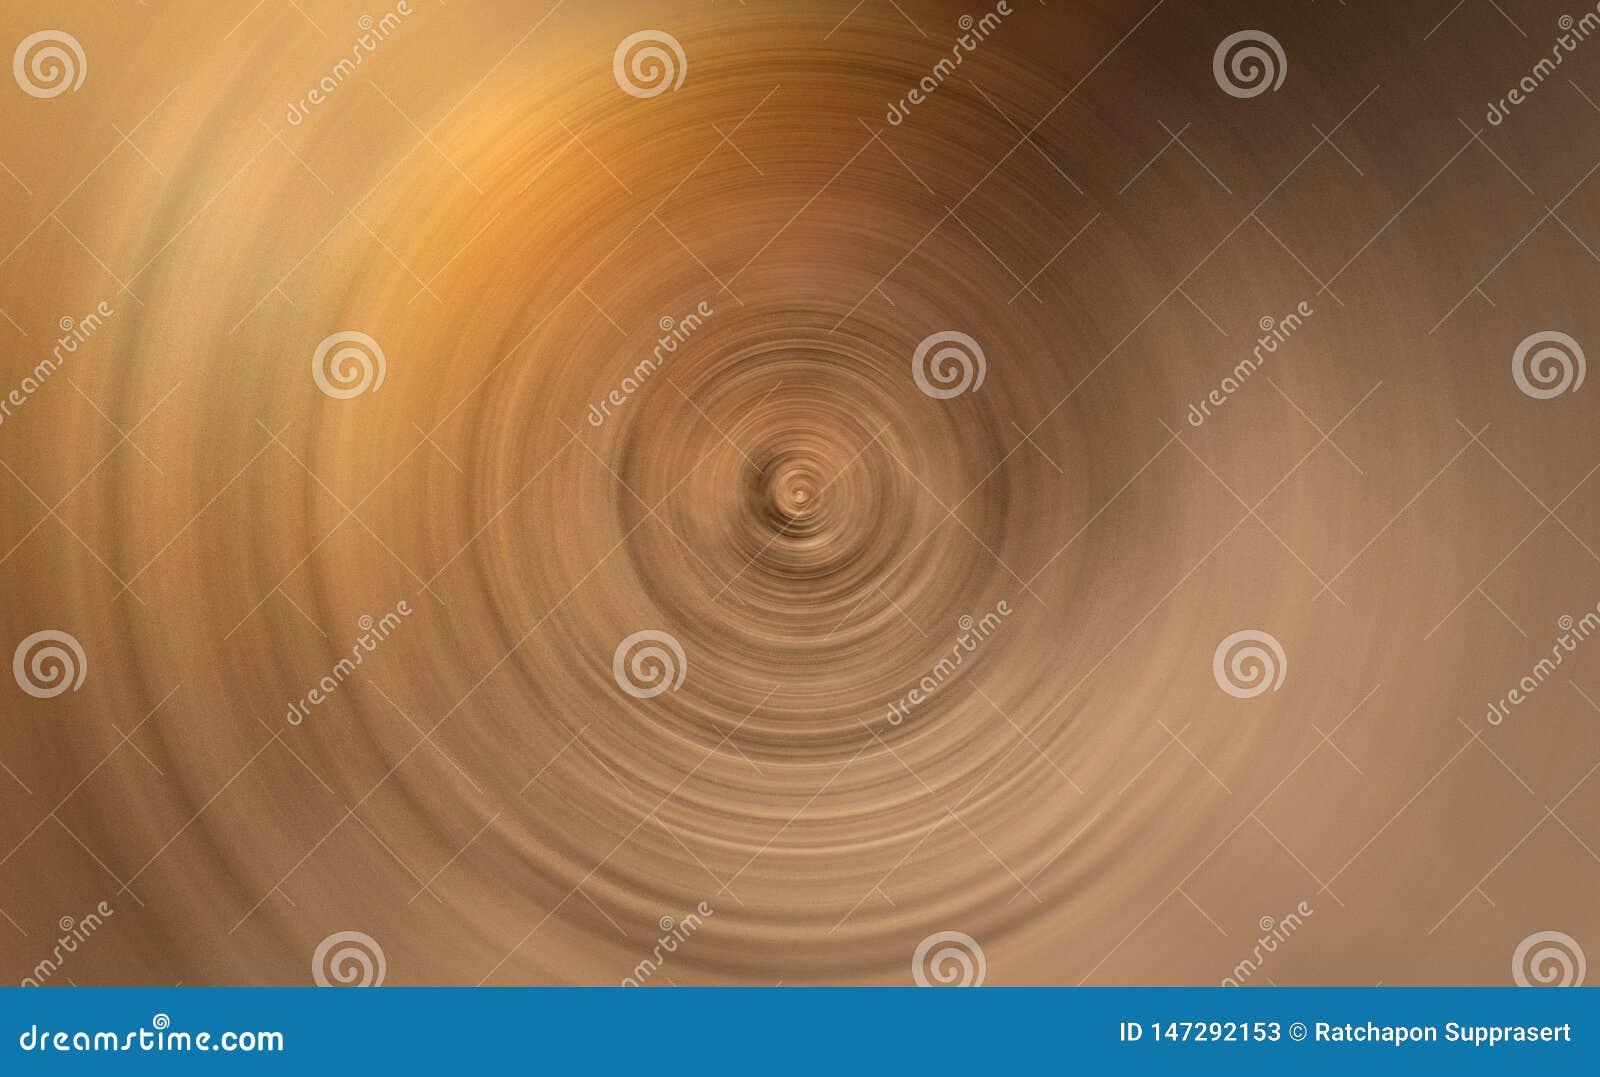 Dark gold blur graphic background